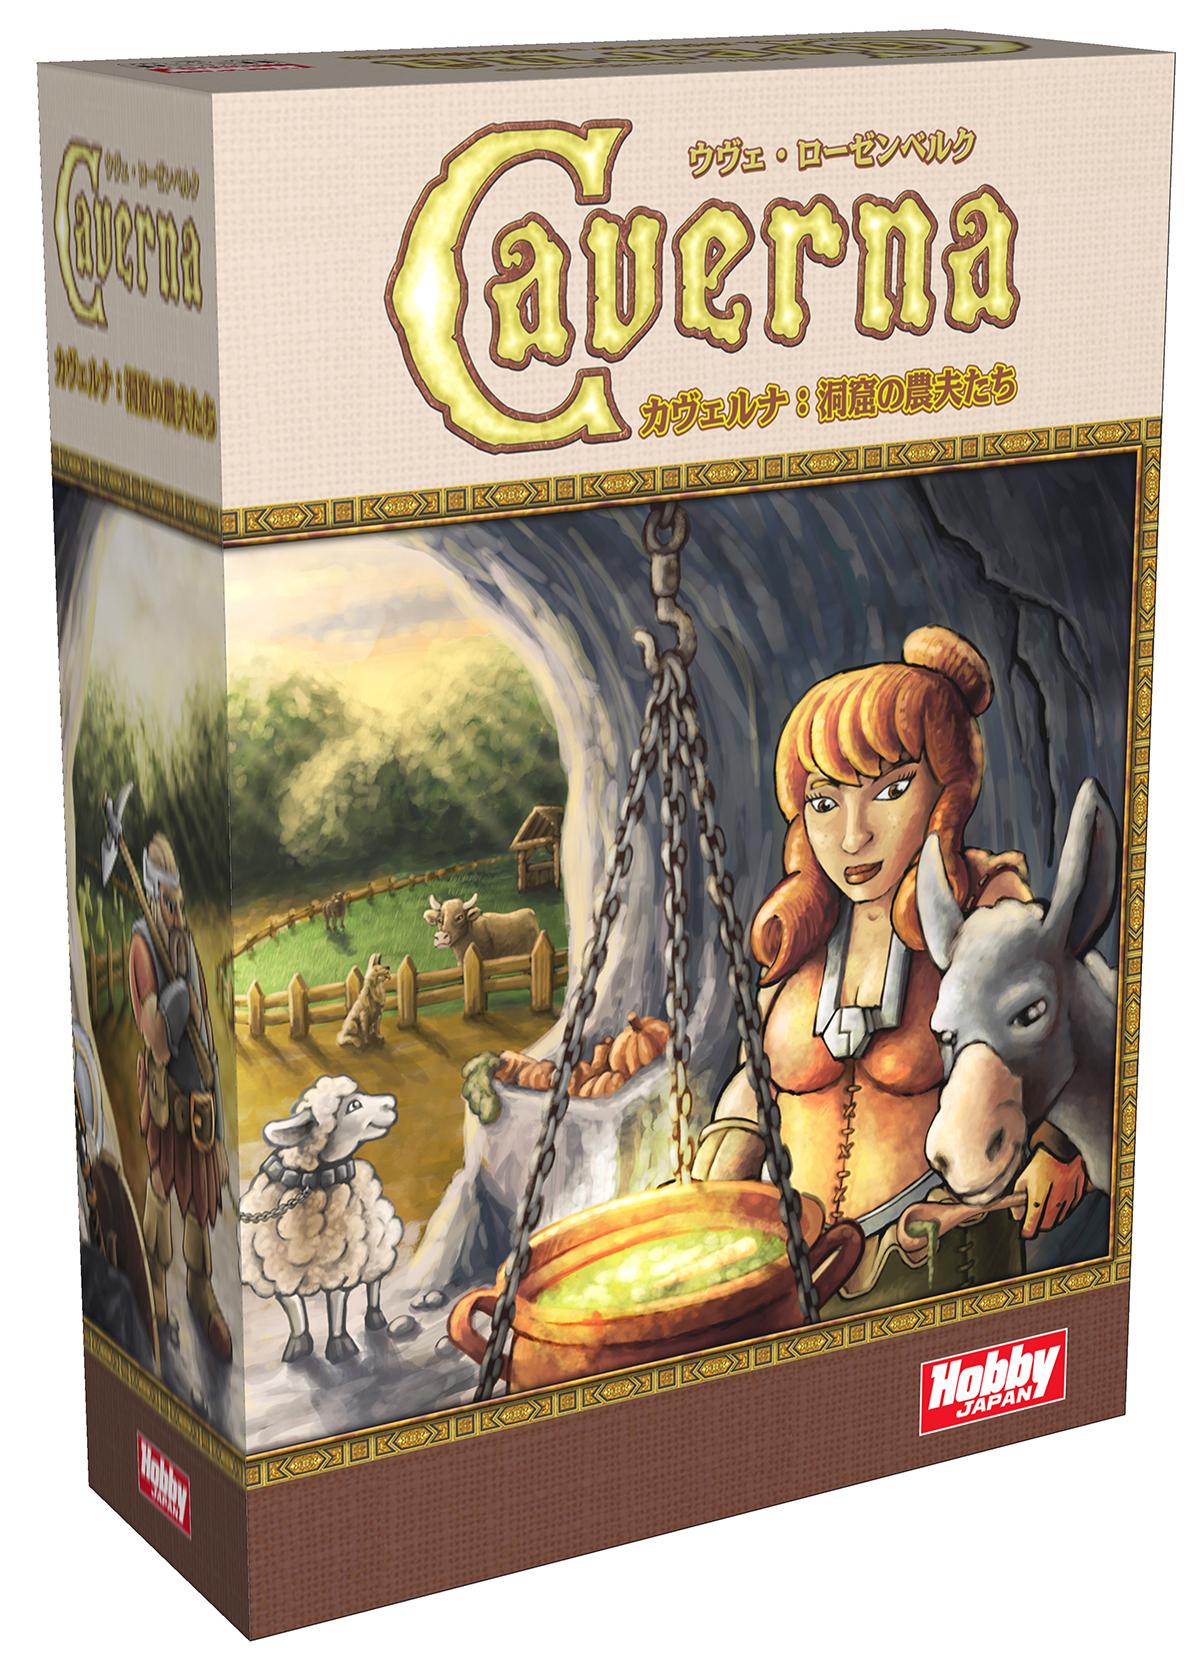 「アグリコラ」のスタッフが贈る、次世代の農場経営ゲーム ボードゲーム「カヴェルナ:洞窟の農夫たち」日本語版 12月上旬発売予定